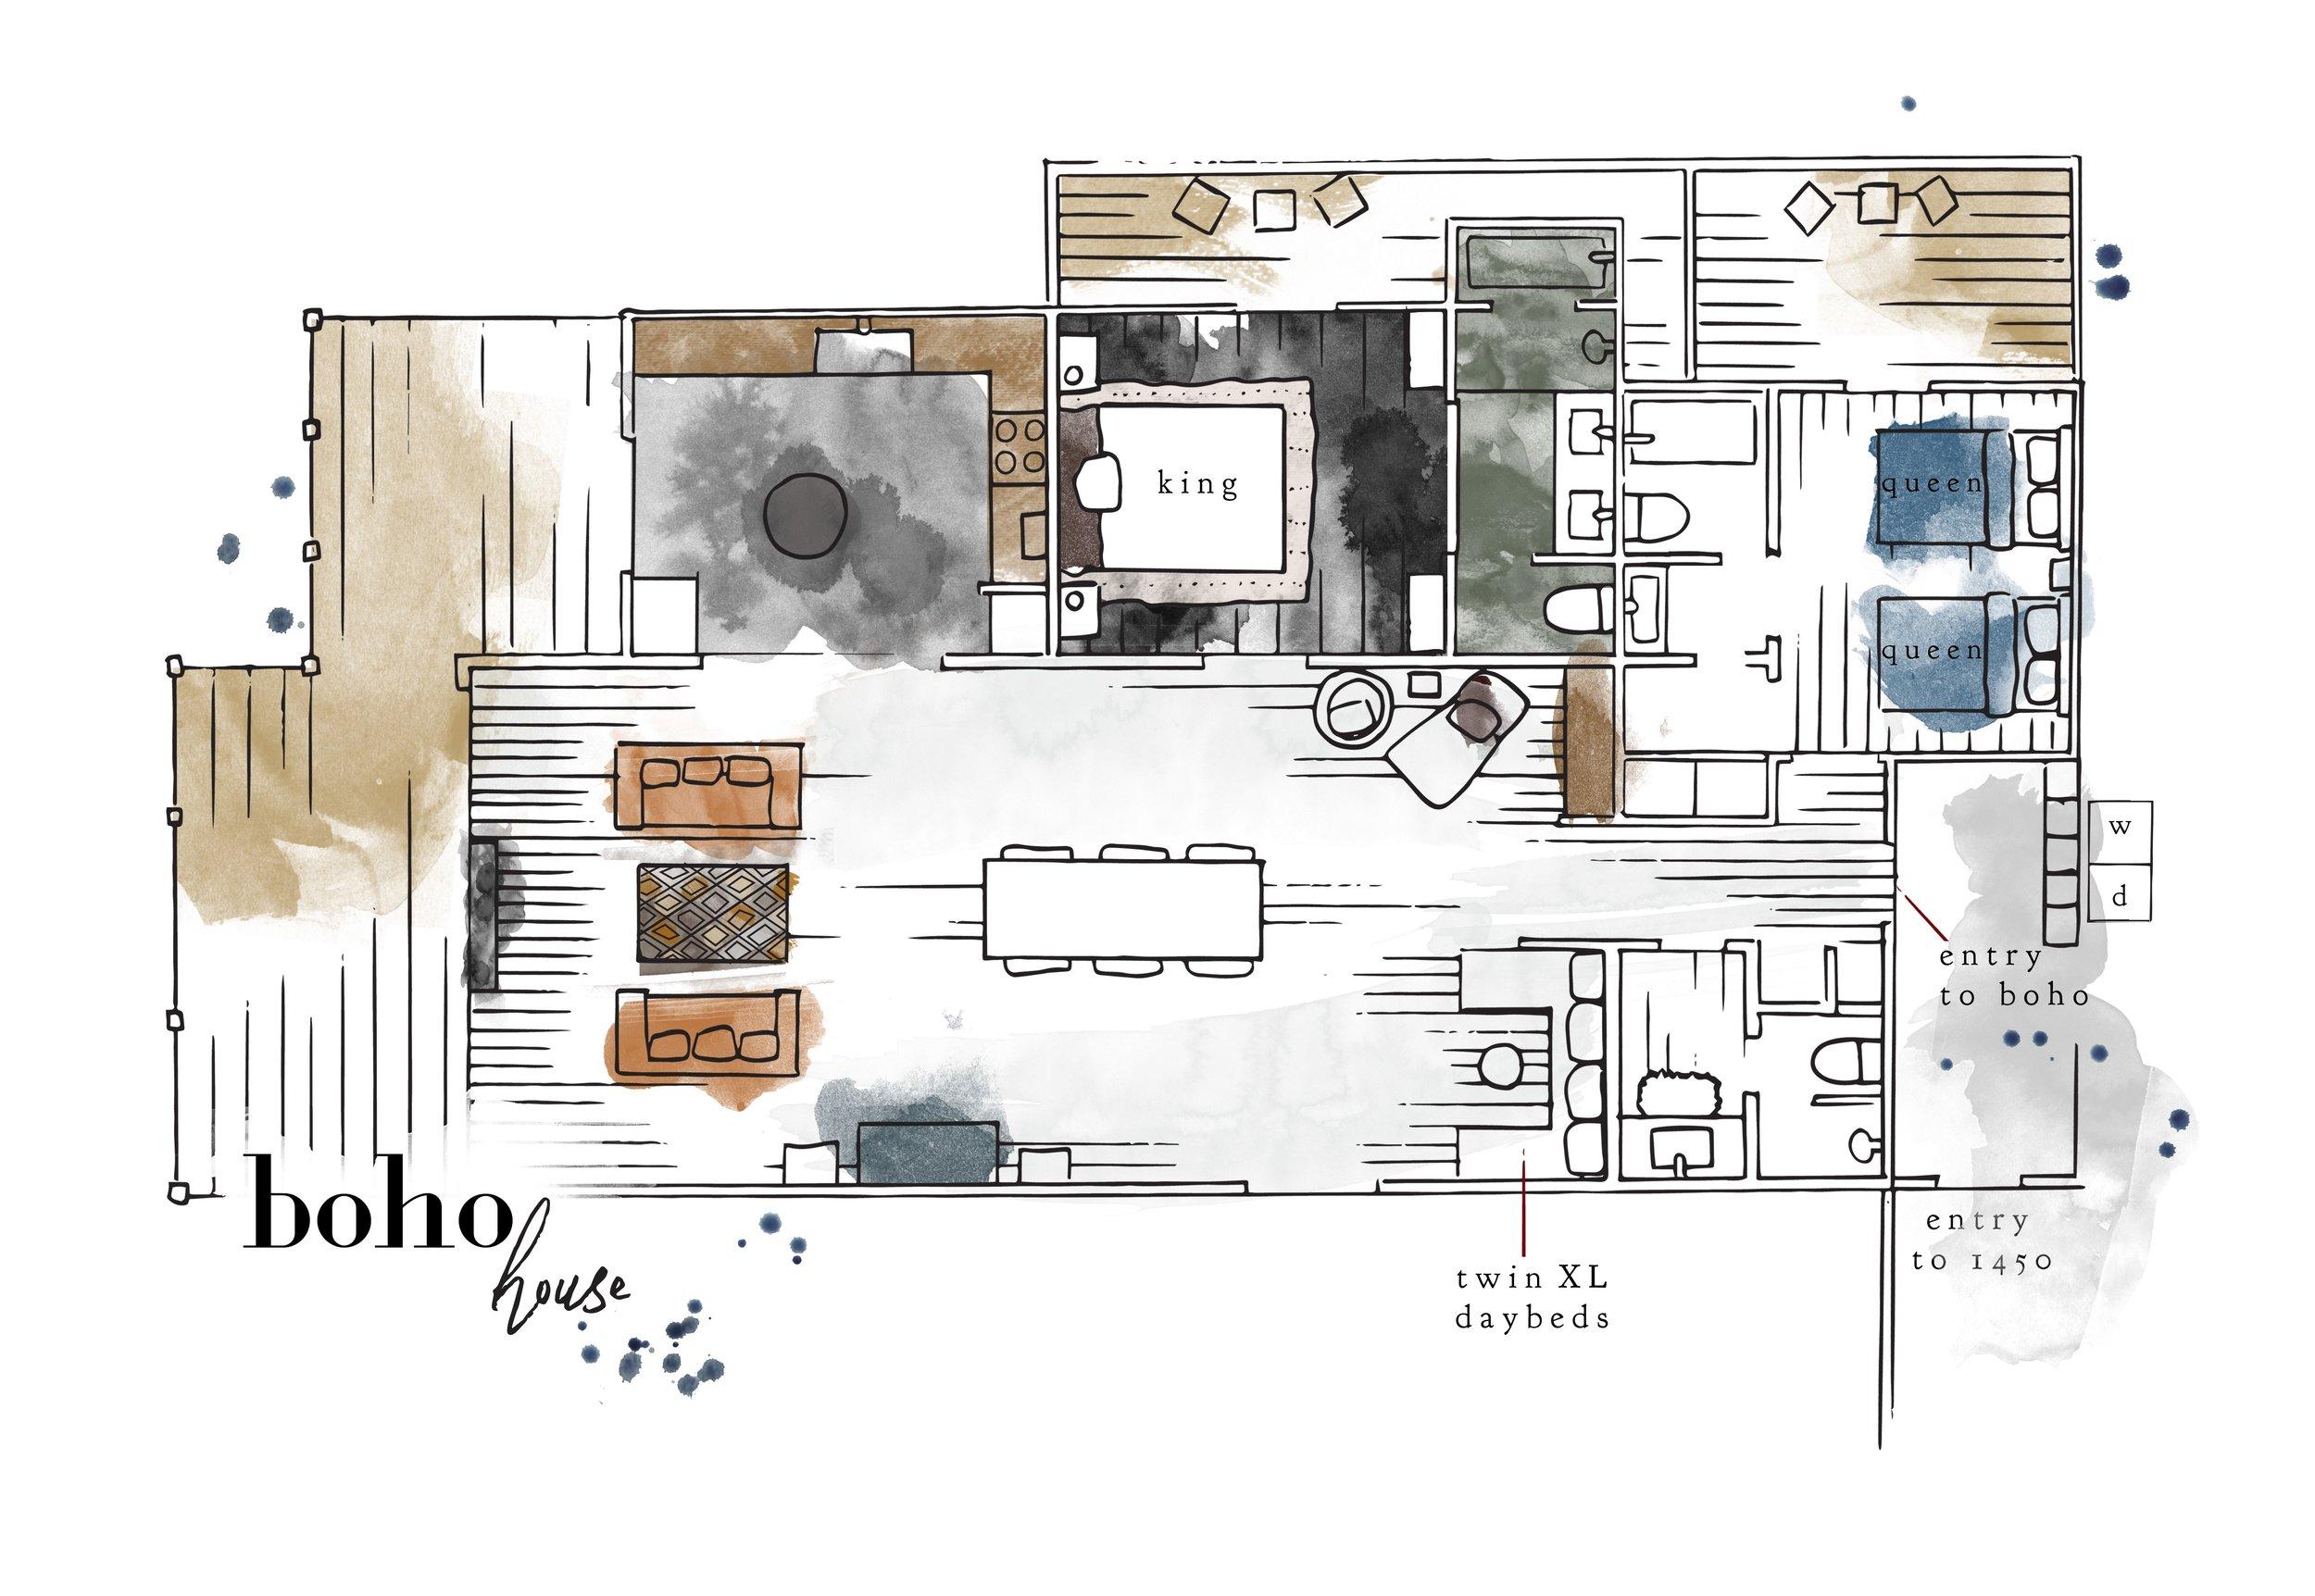 The Boho layout.